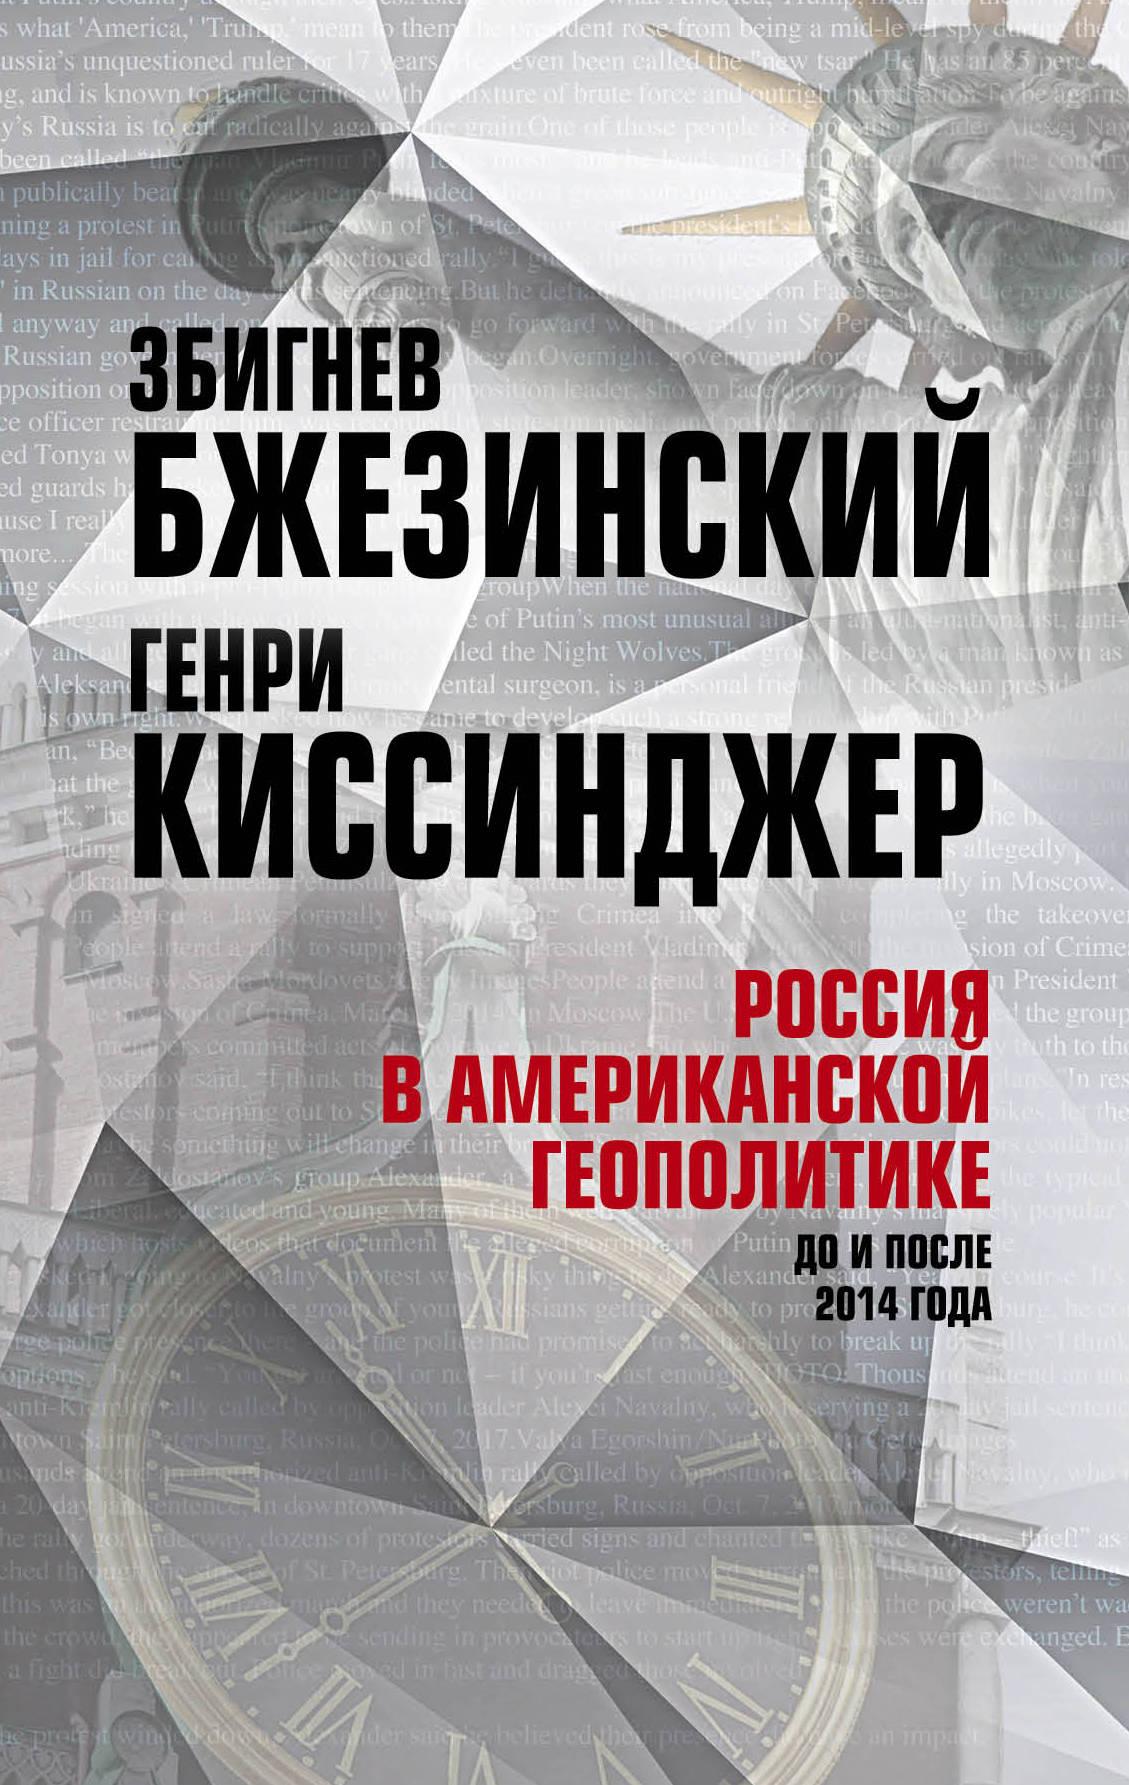 Бжезинский Збигнев; Киссинджер Генри Россия в американской геополитике. До и после 2014 года